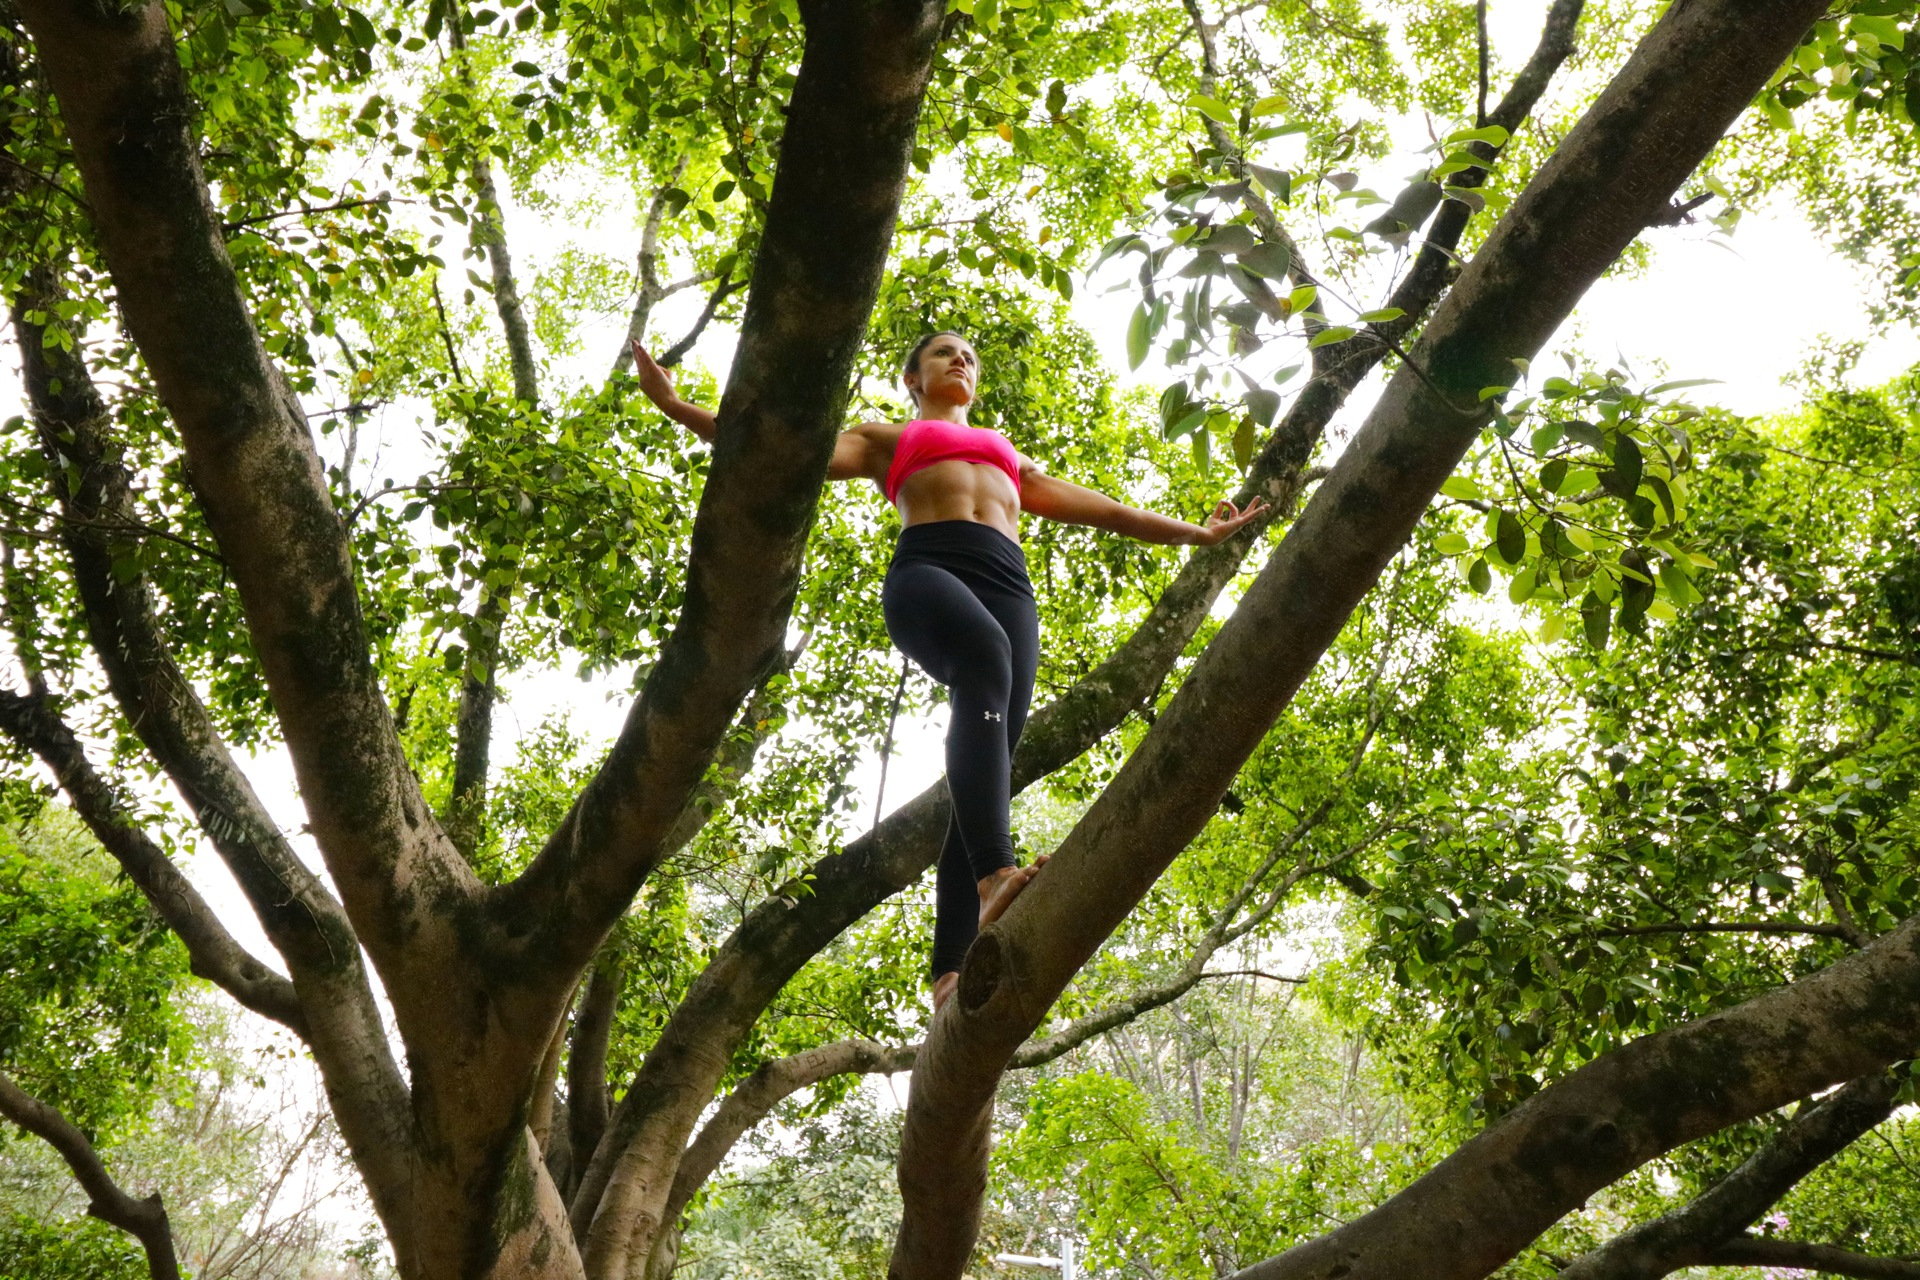 mulher se equilibrando na árvore